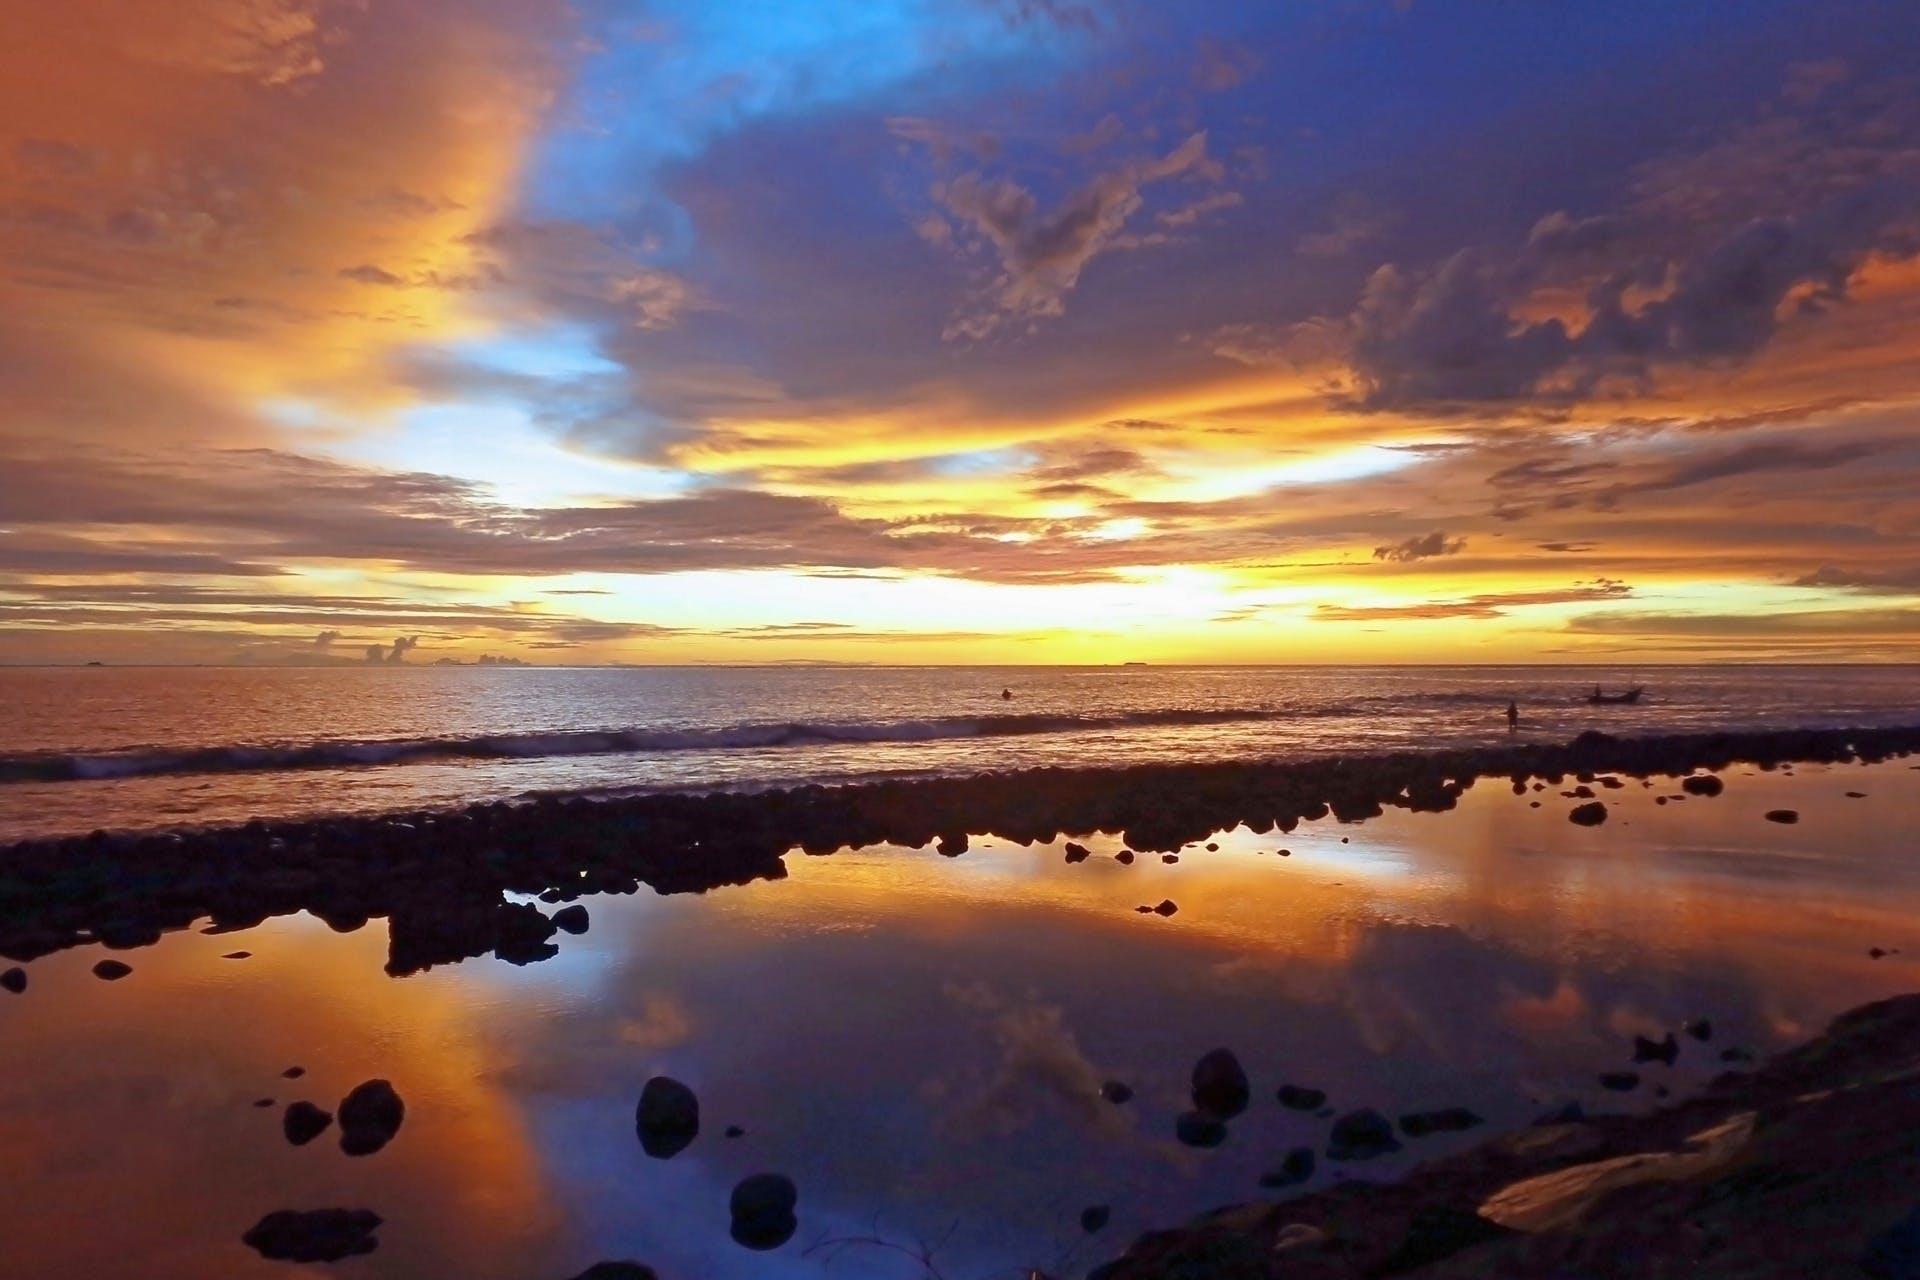 Gratis stockfoto met blikveld, golven, h2o, hemel